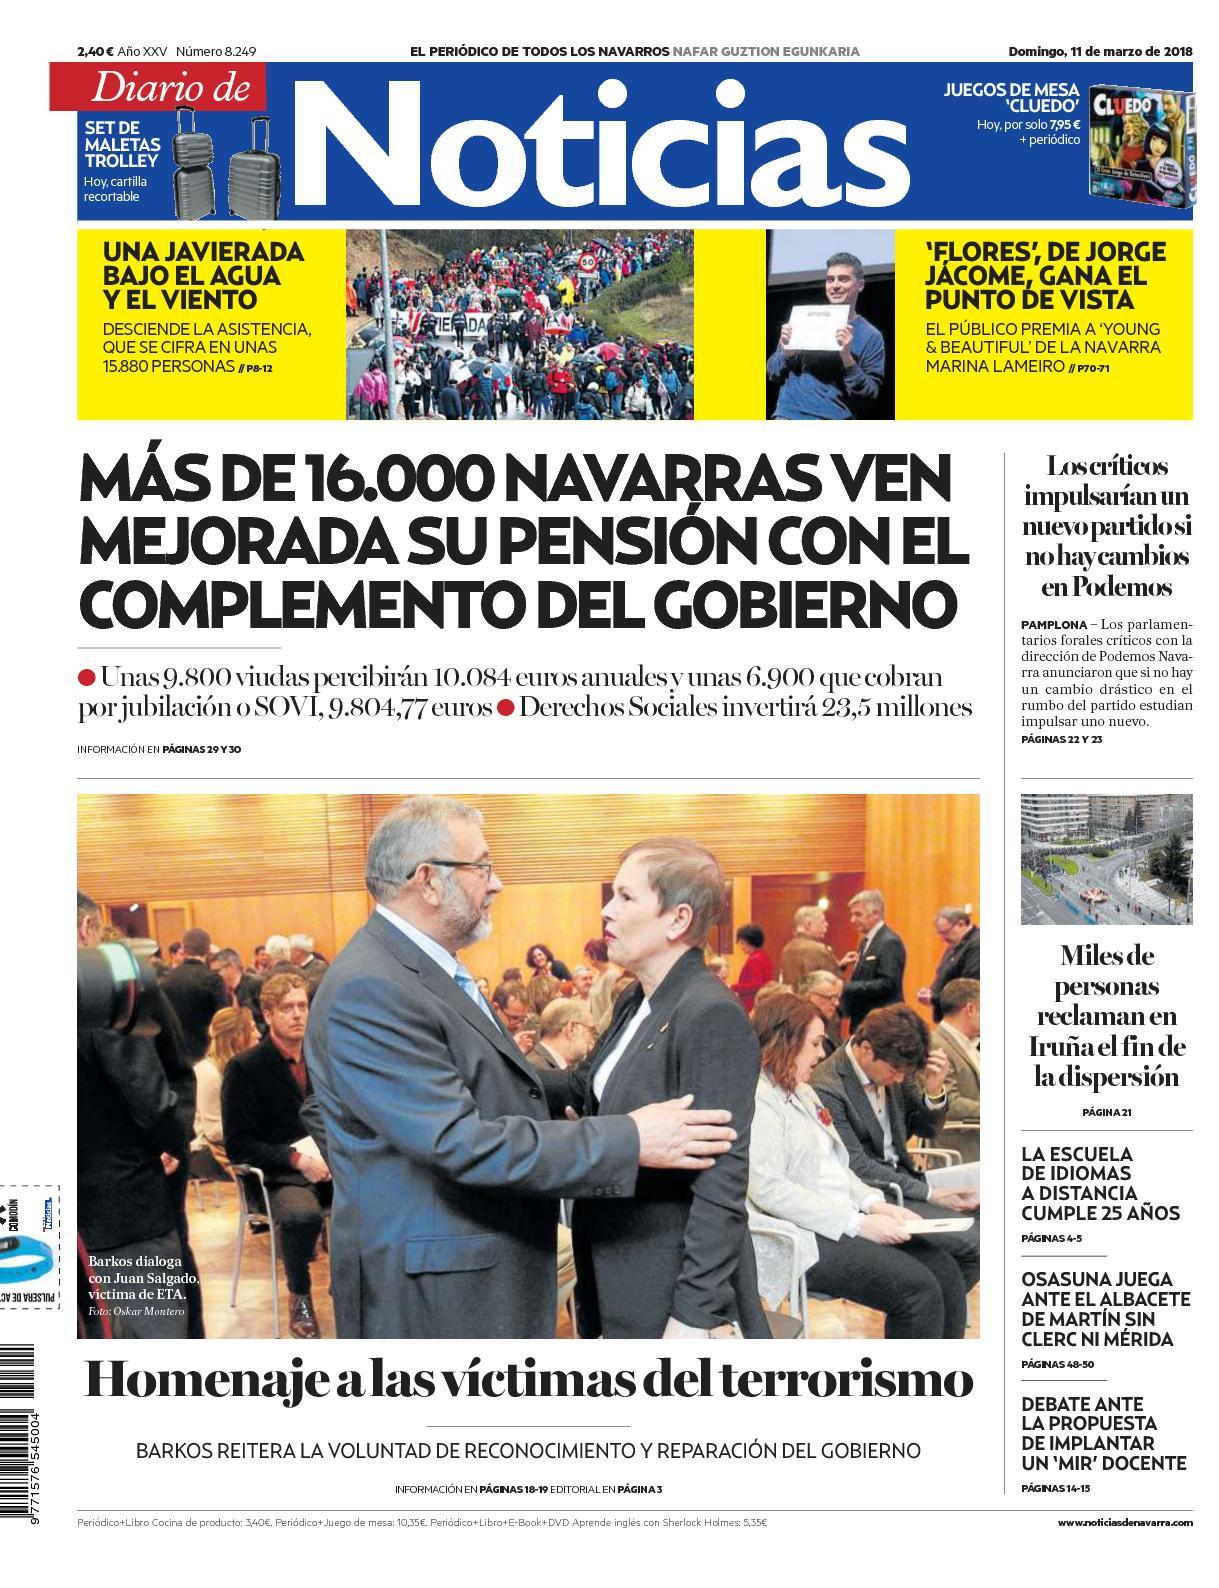 Calameo Diario De Noticias 20180311